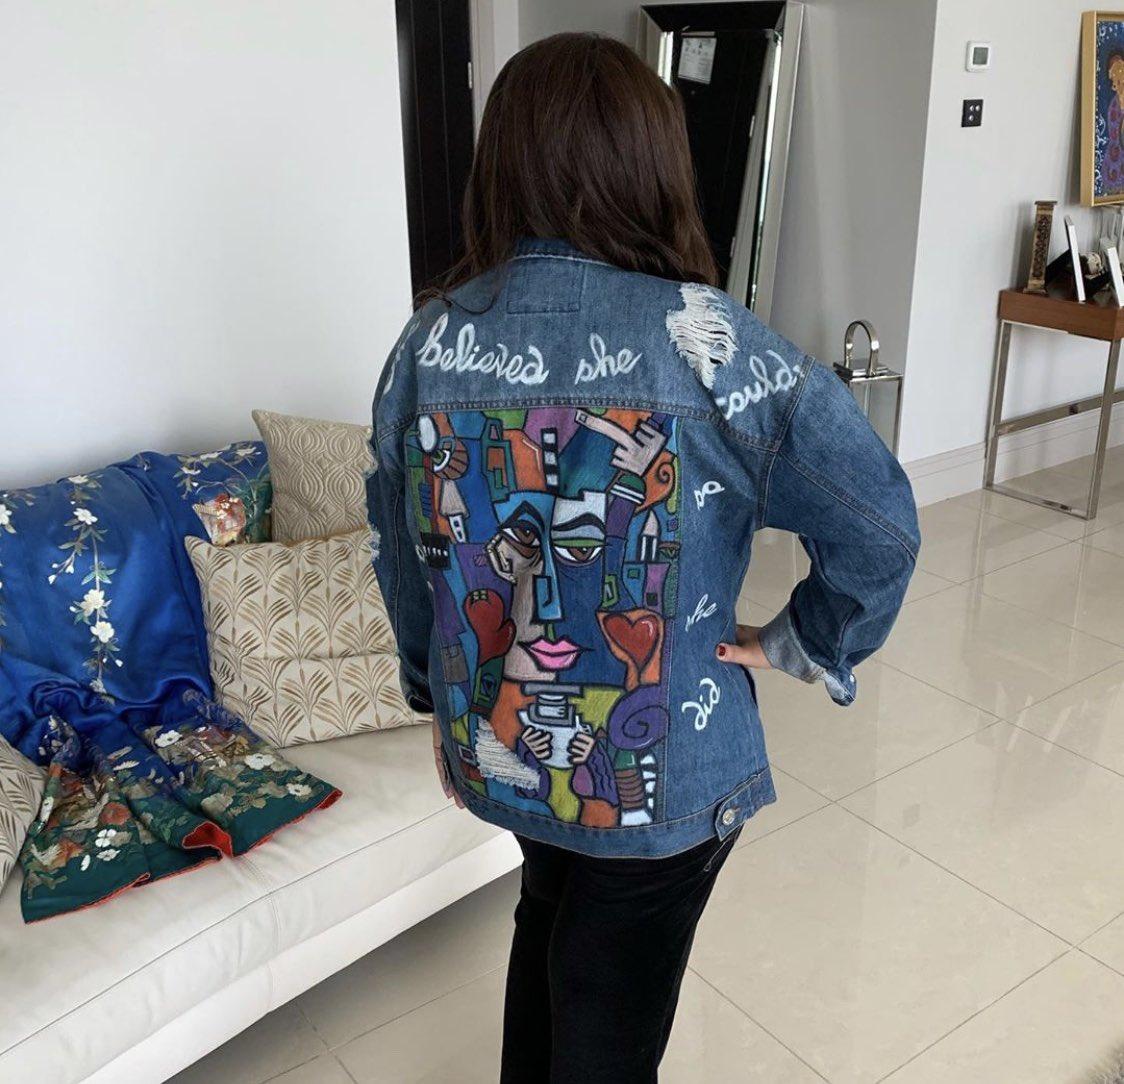 رسمي علي الجينز my hand painted on denim jacket Facebook and Instagram   sasoartsbysohaserry https://t.co/J6RCF6h5v8